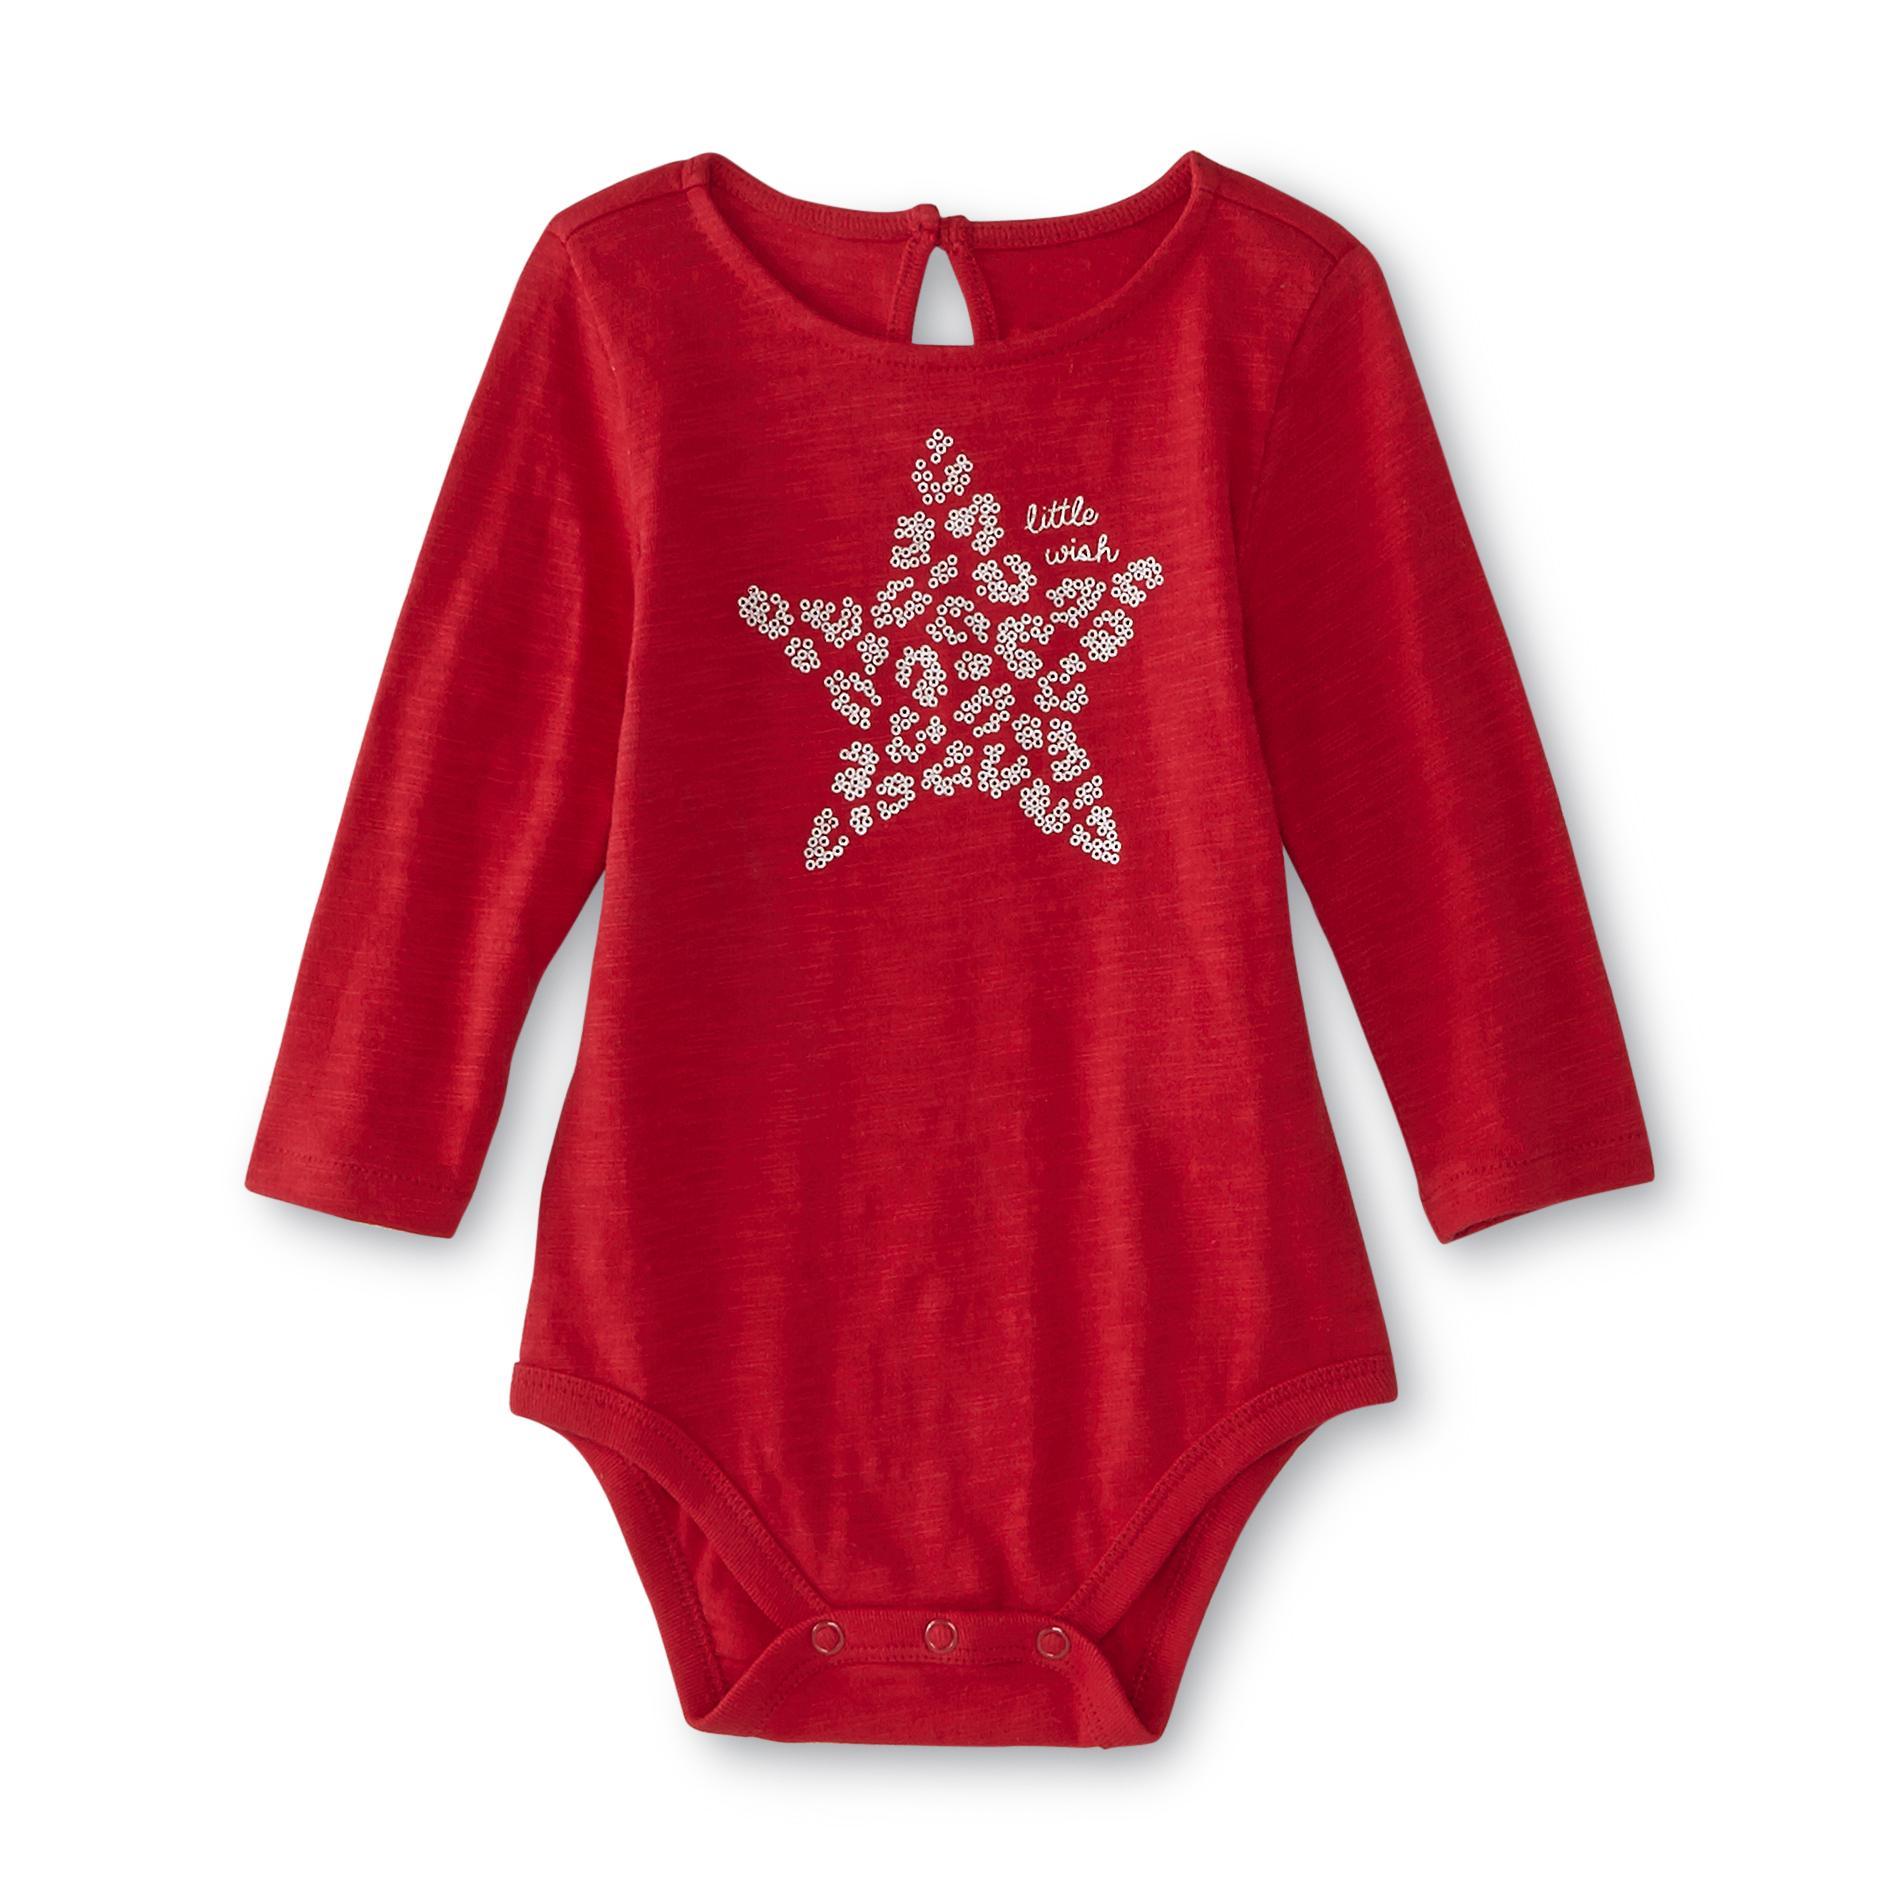 Little Wonders Newborn & Infant Girl's Bodysuit - Star